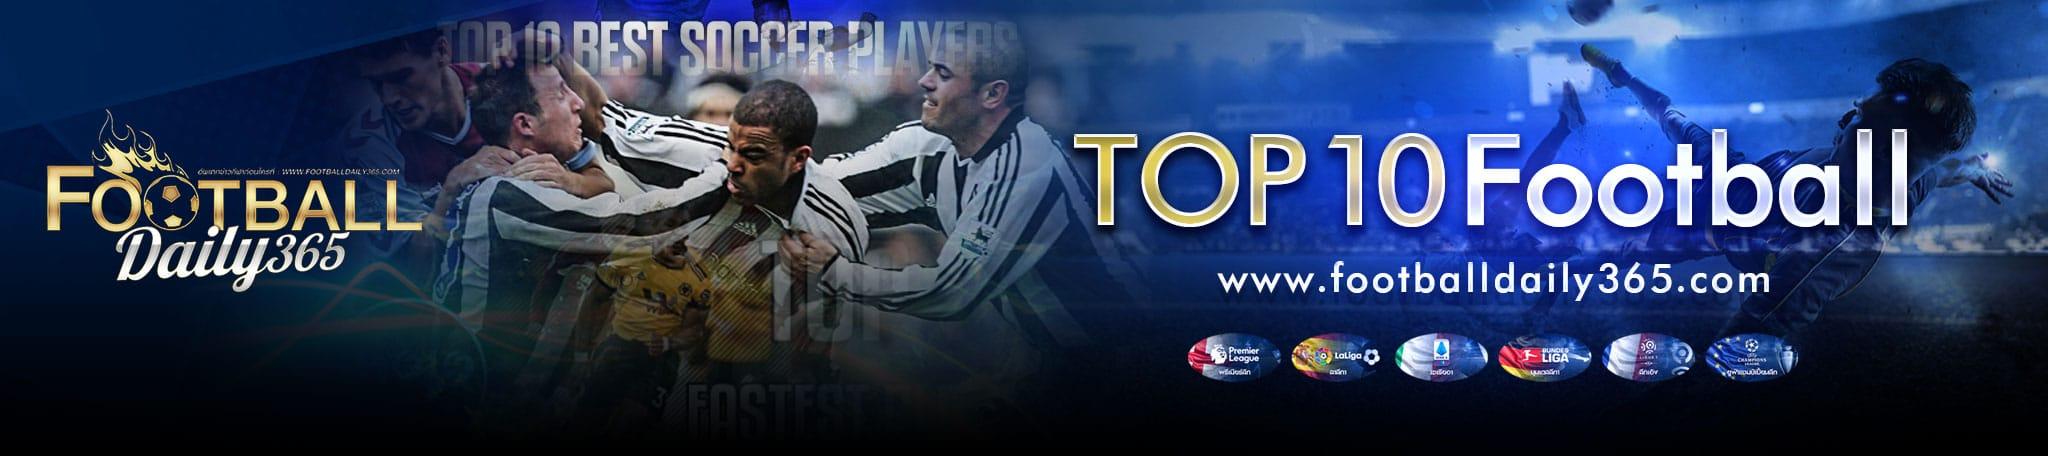 Footballdaily365_TOP-10Football